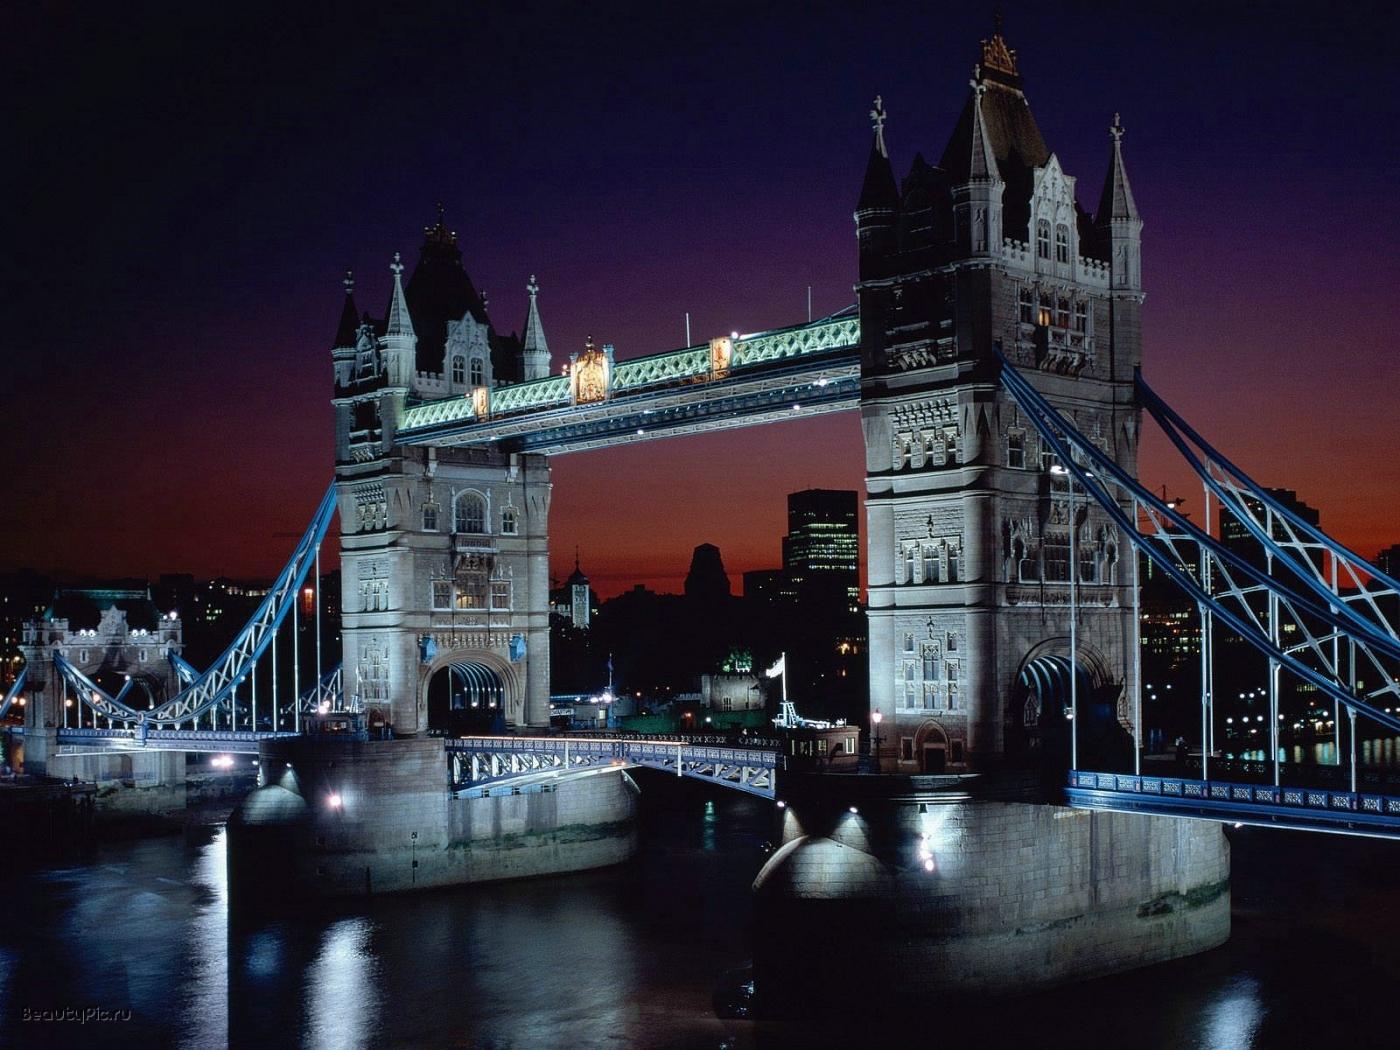 25560 скачать обои Пейзаж, Города, Река, Мосты, Ночь, Архитектура, Лондон - заставки и картинки бесплатно